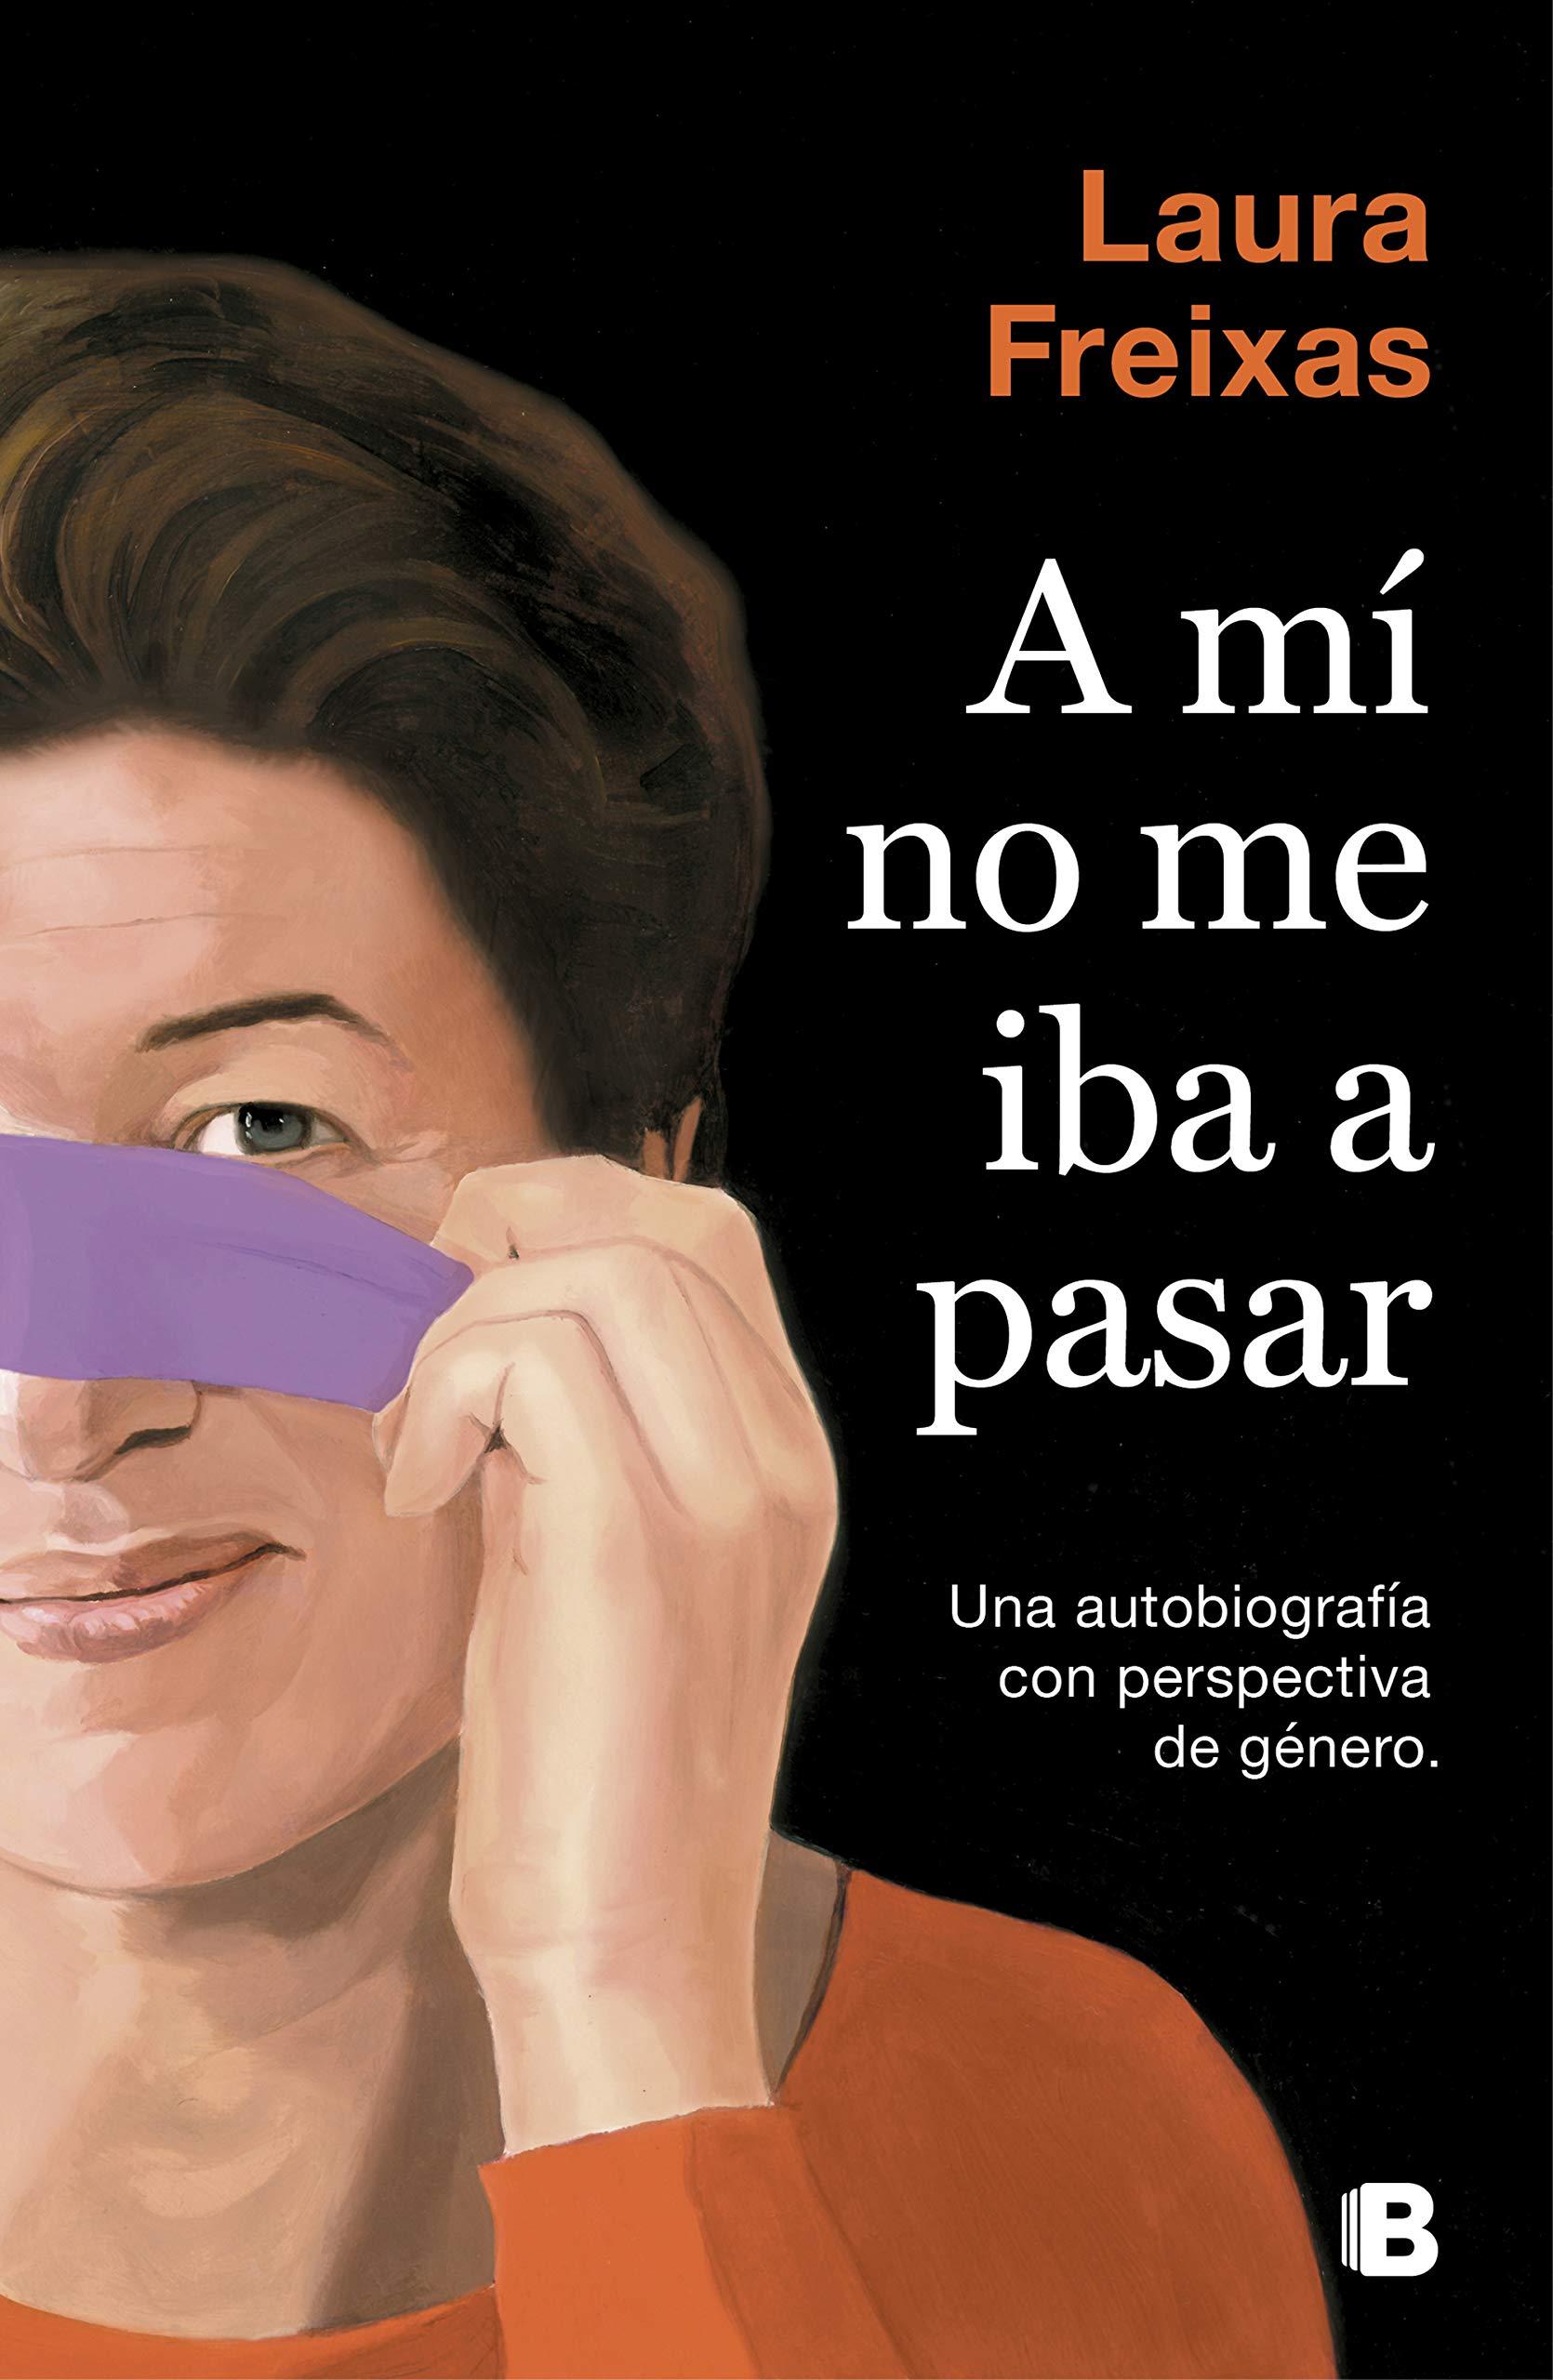 A mí no me iba a pasar: Una autobiografía con perspectiva de género (No ficción) por Laura Freixas